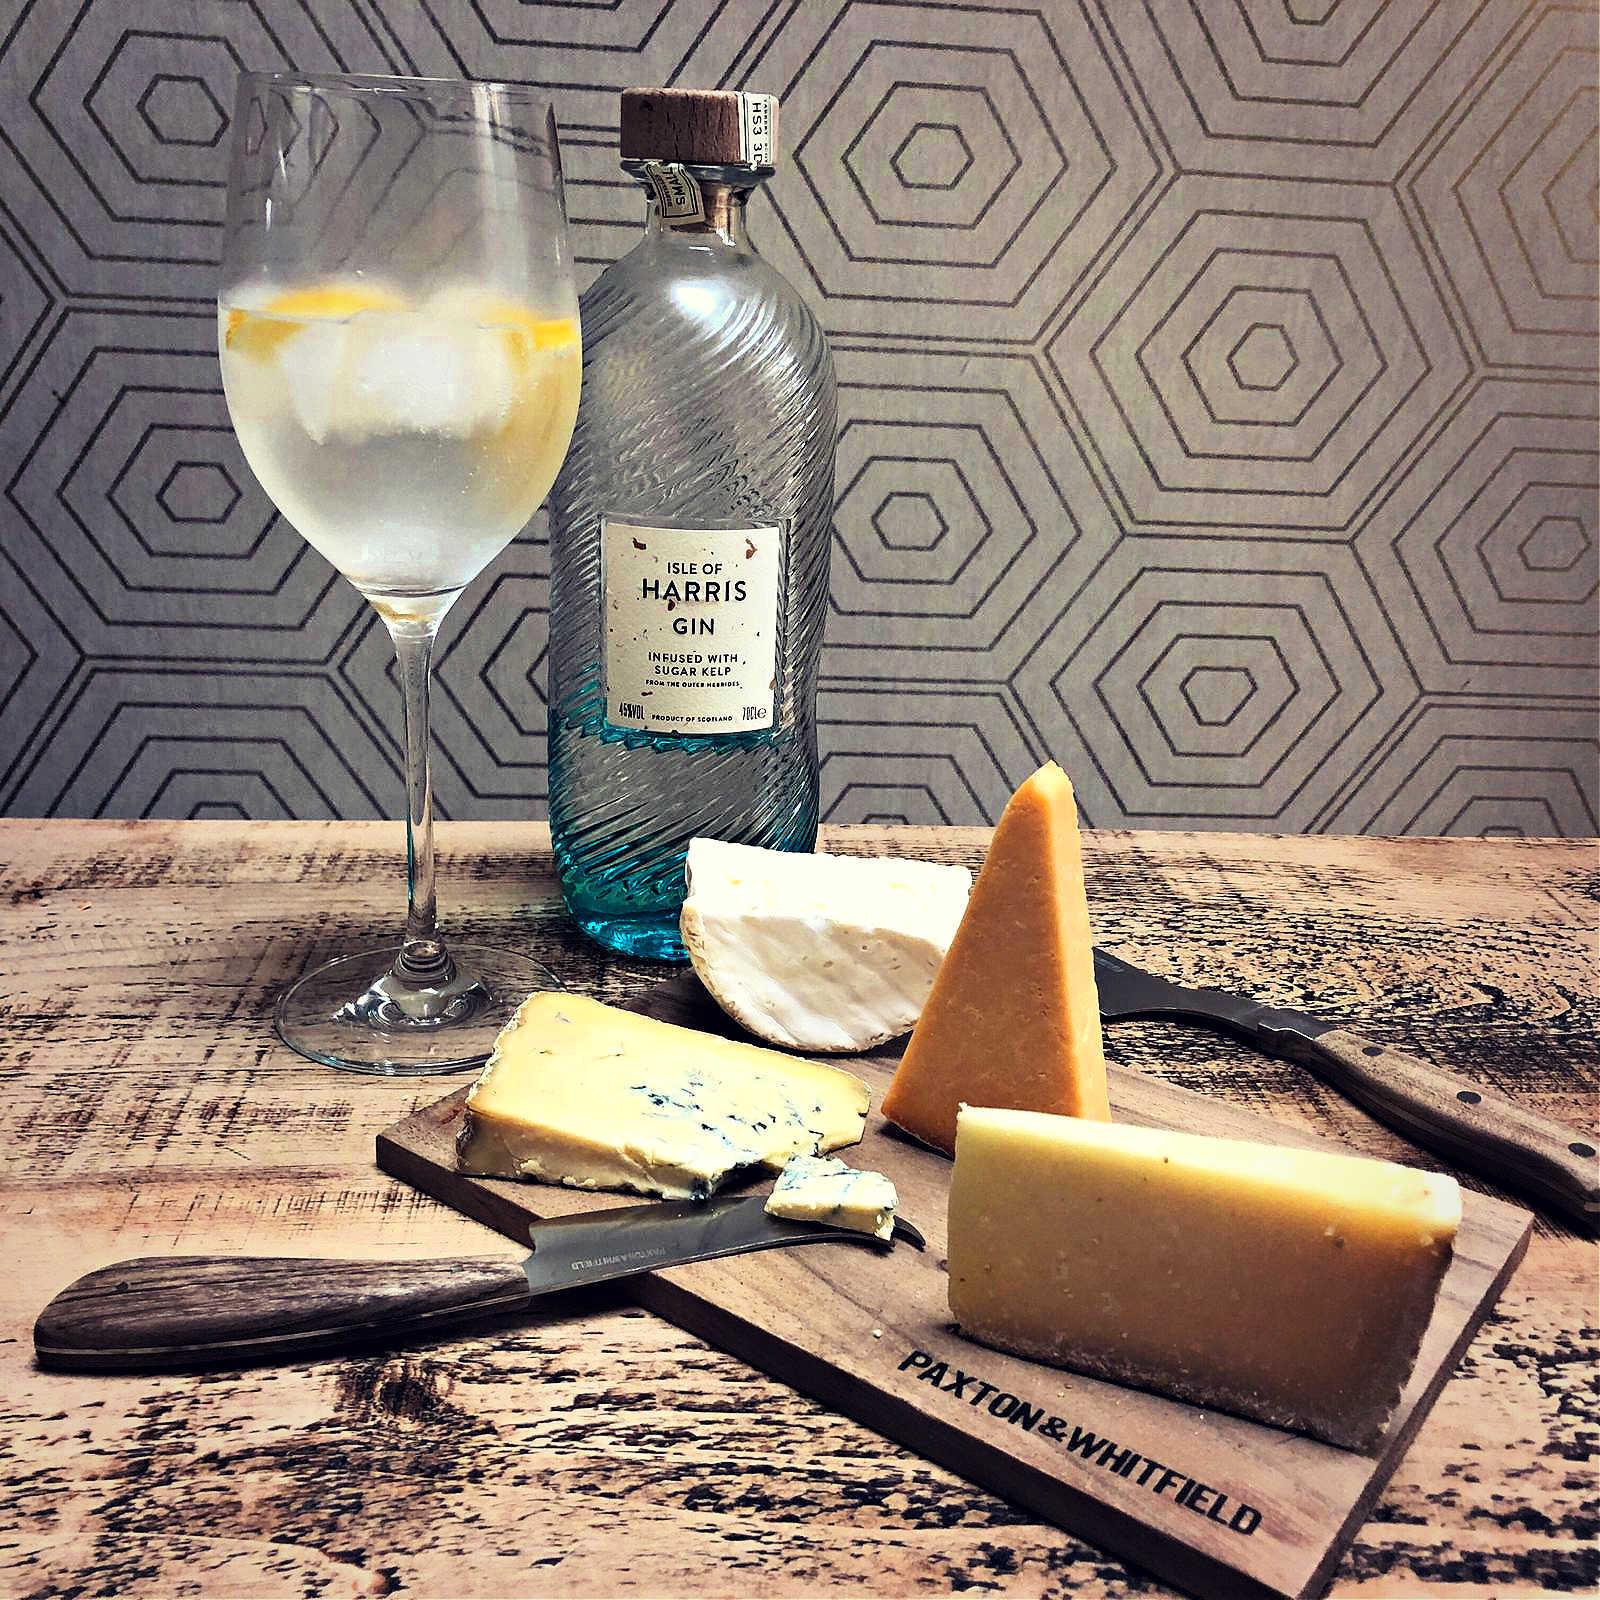 Isle-of-Harris-Gin-and-Cheese-Pairing